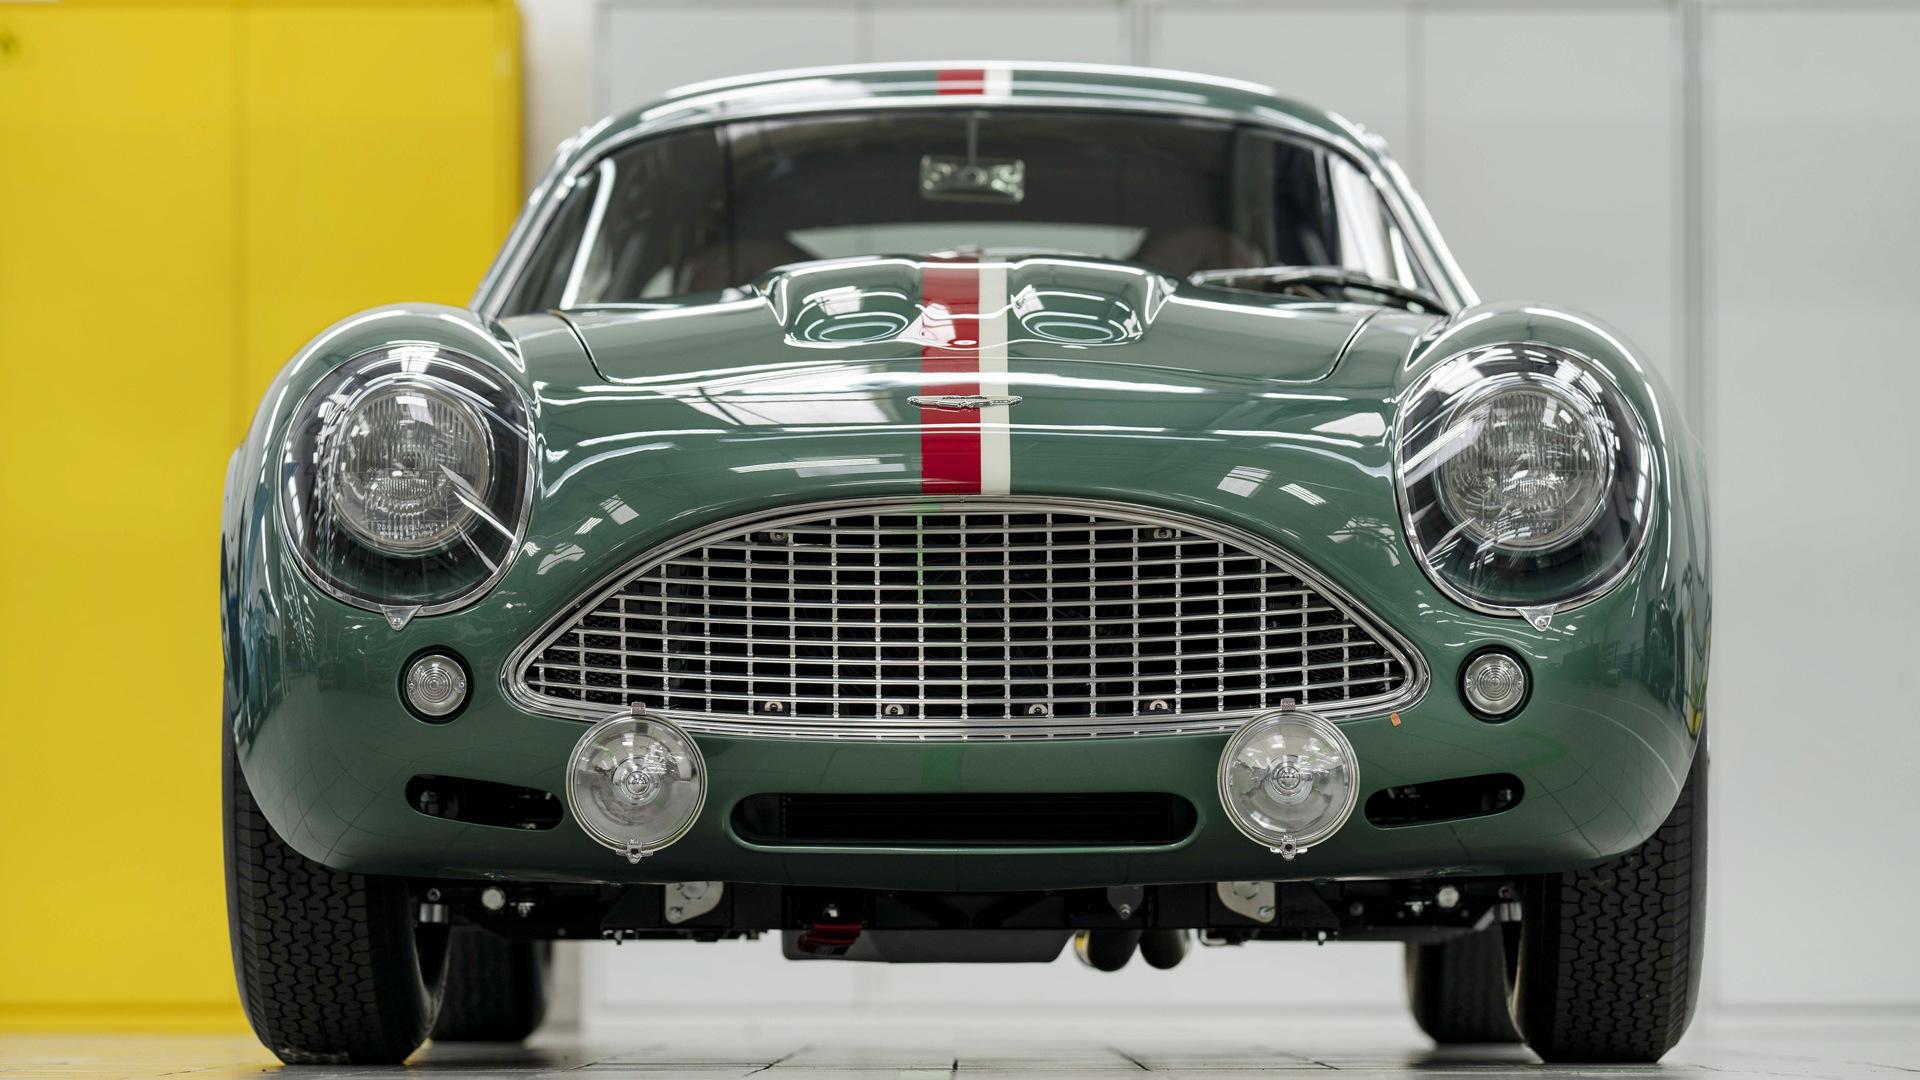 2019 Aston Martin DB4 GT Zagato continuation car